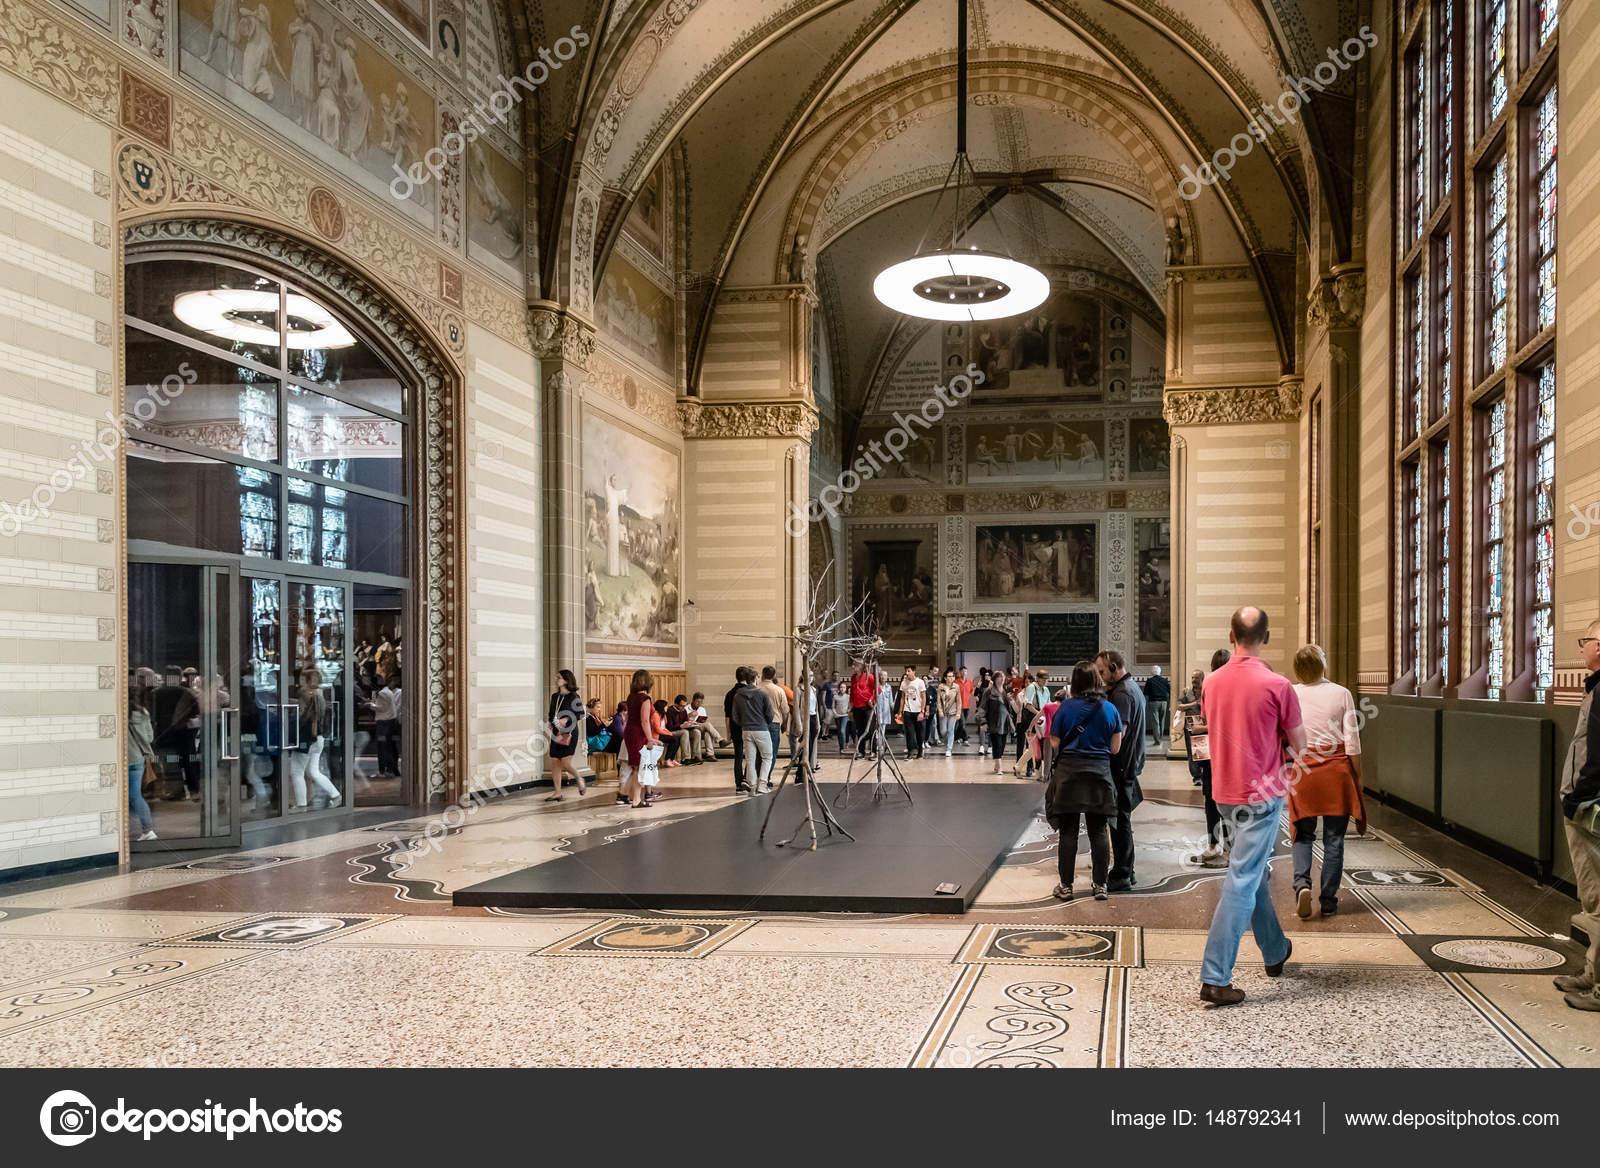 https://st3.depositphotos.com/4118055/14879/i/1600/depositphotos_148792341-stockafbeelding-interieur-van-het-rijksmuseum-in.jpg